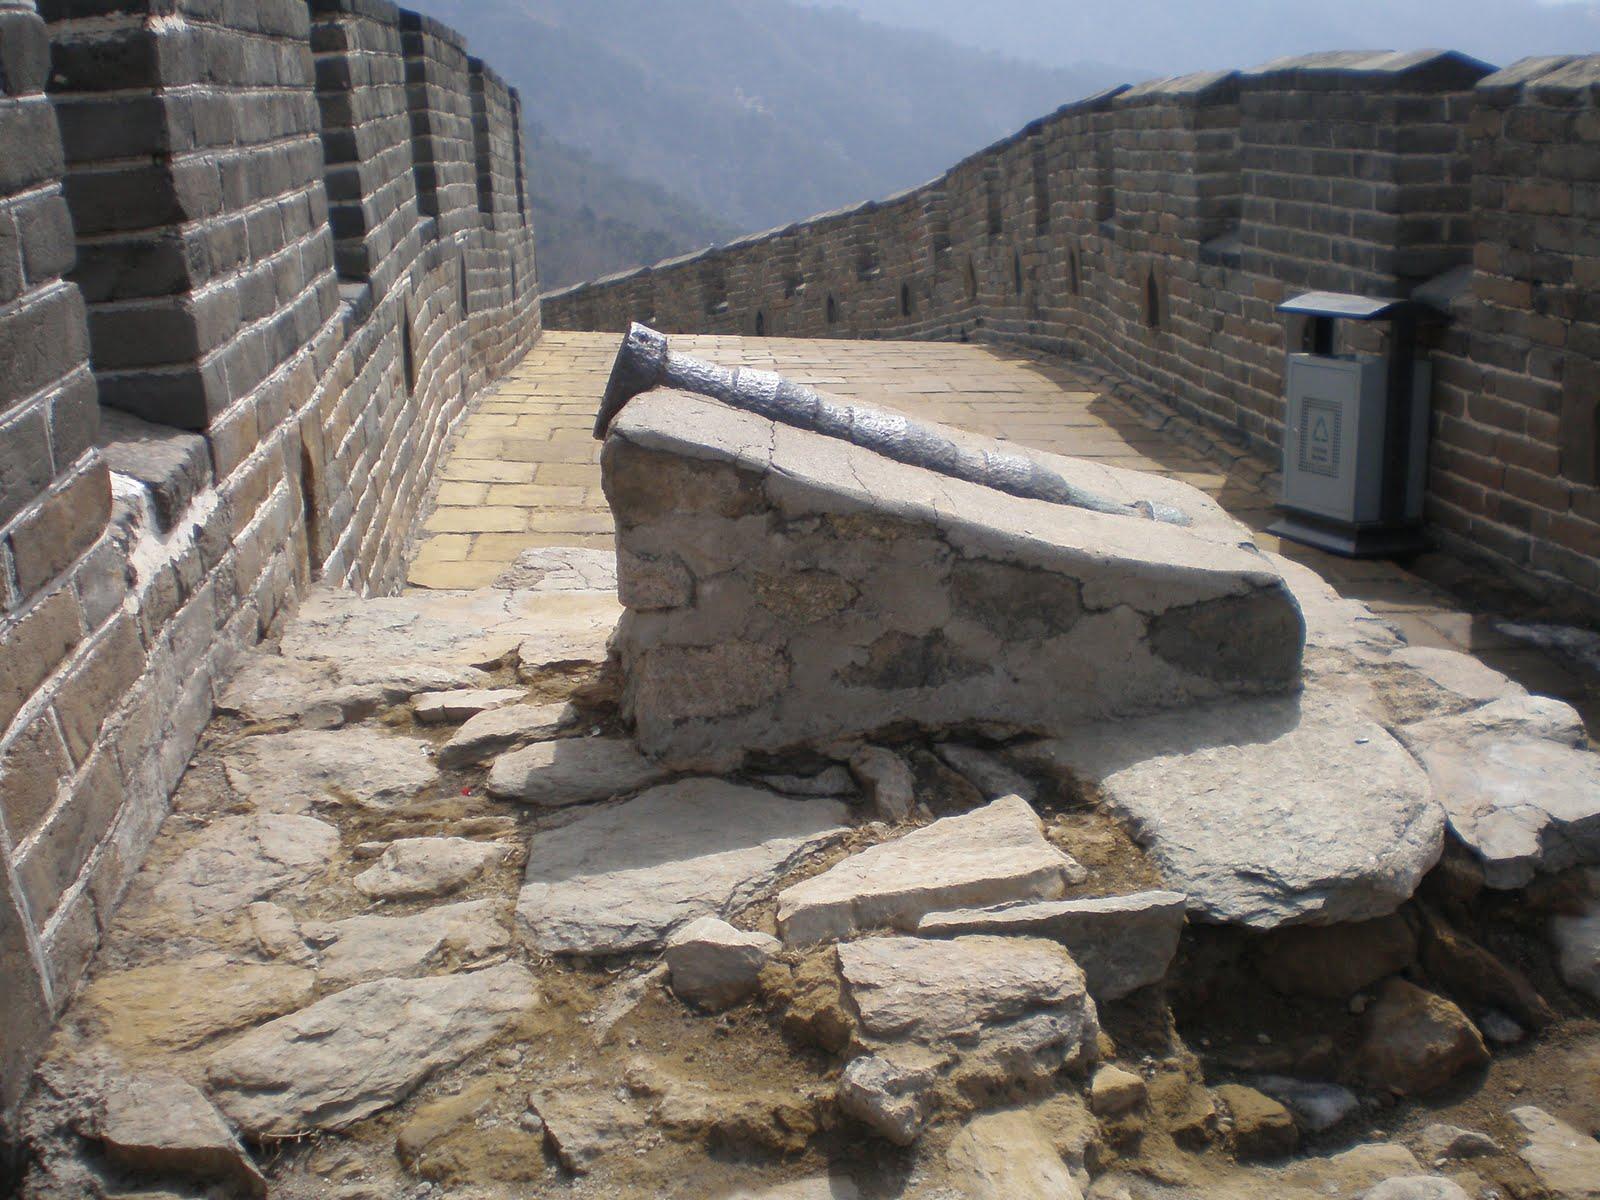 http://3.bp.blogspot.com/_nSGRfA3ITIo/S72UvdPis8I/AAAAAAAABCE/pBFdc3XPRXU/s1600/Beijing+Wall+25.JPG